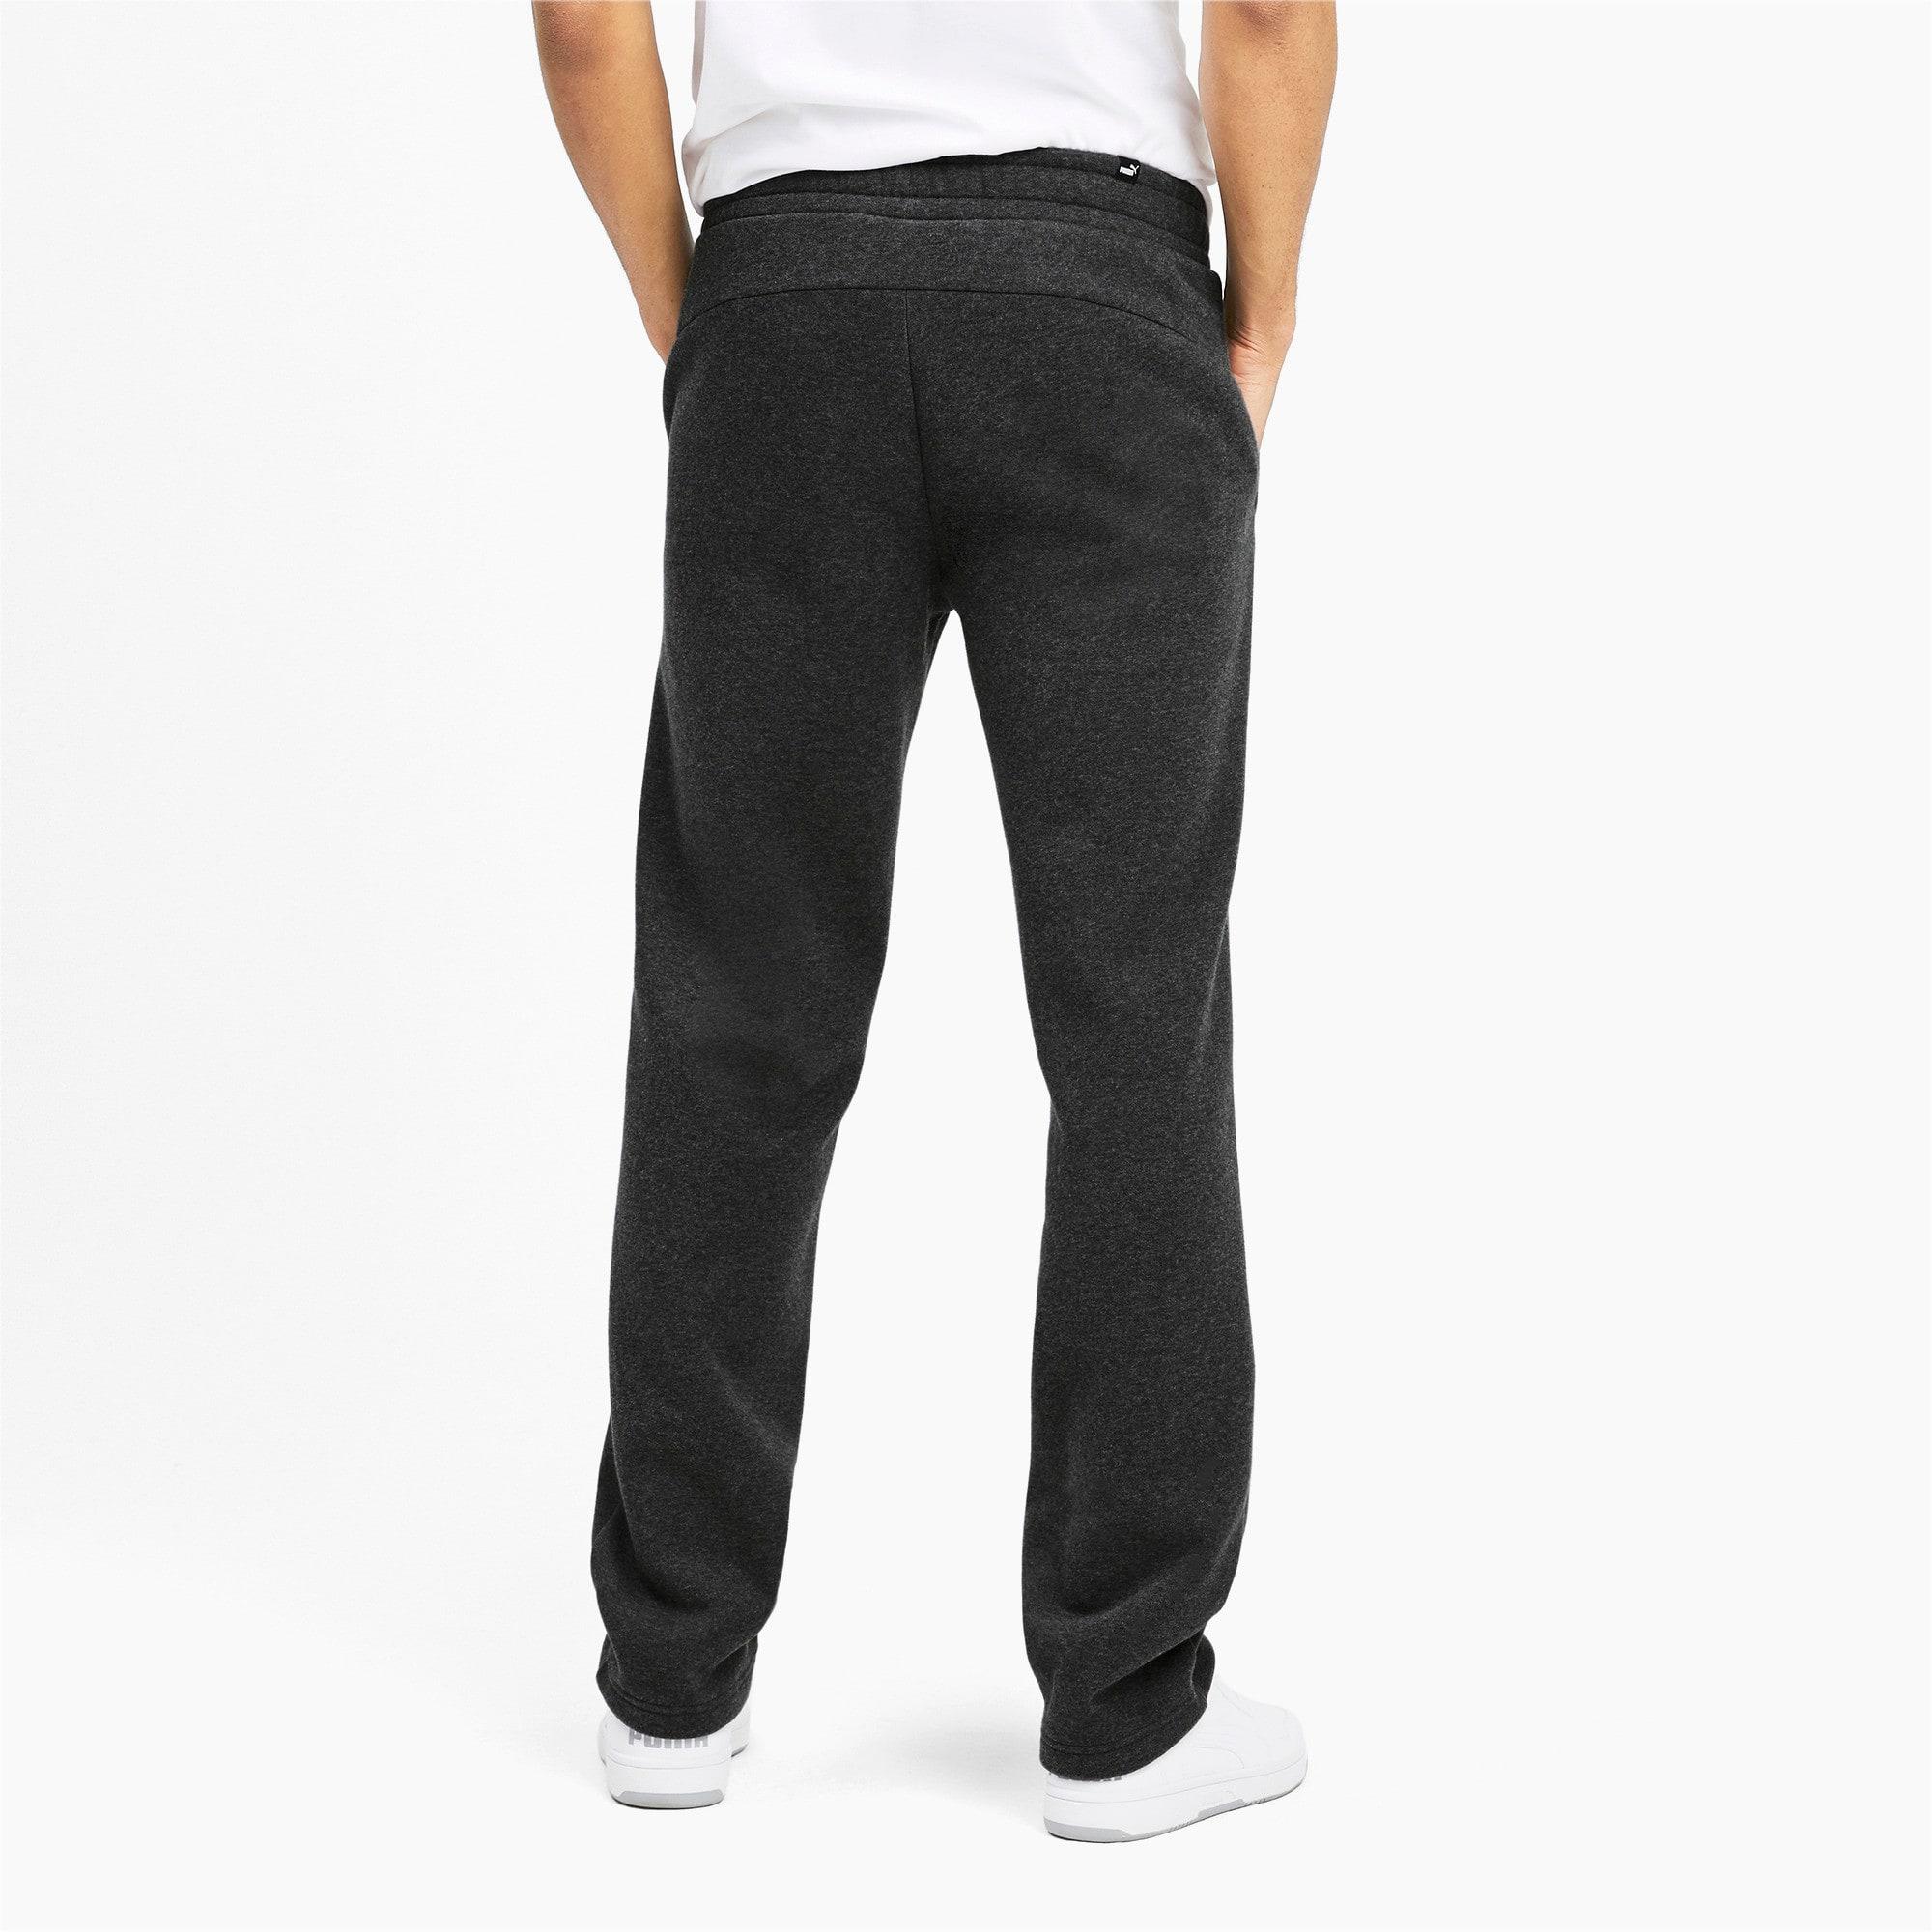 Thumbnail 3 of Essentials Men's Fleece Pants, Dark Gray Heather, medium